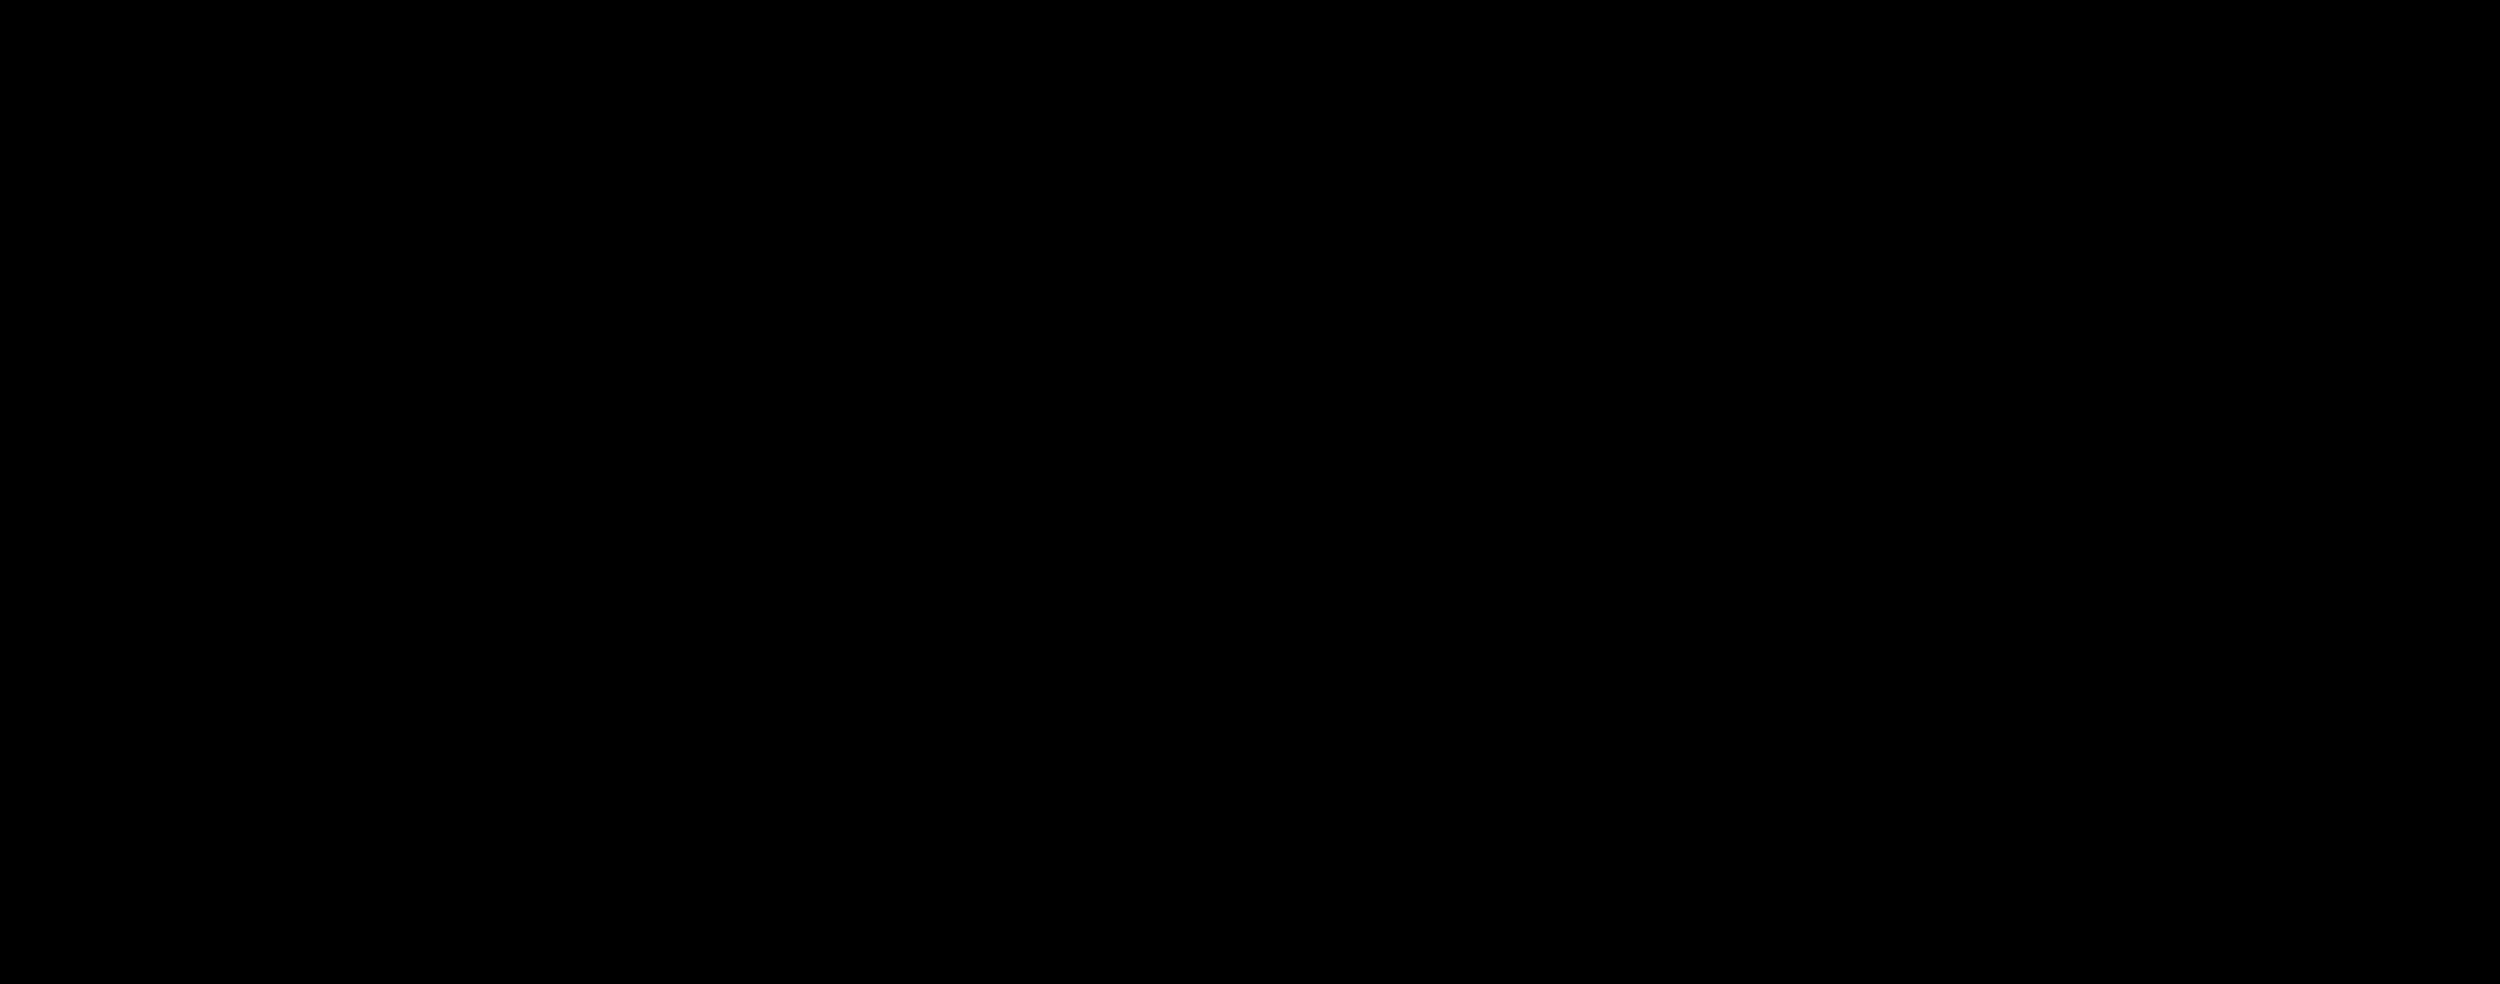 Huel_Logo_large_5_7ed55590-35a9-4c2c-9aa2-02af266ae92b copy.png